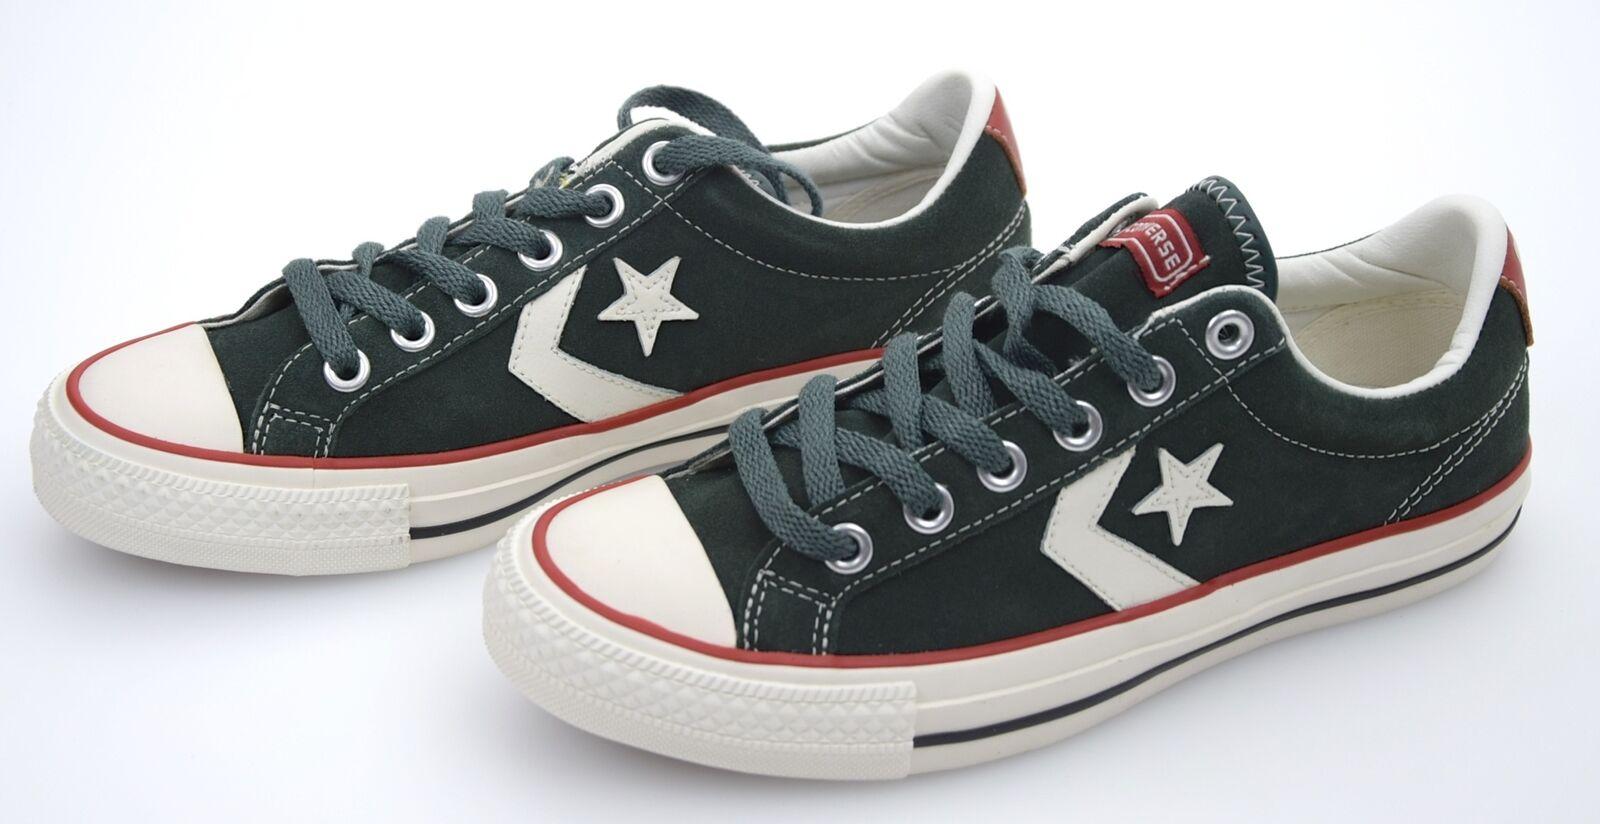 Converse Hombre Mujer Unisex Zapatillas Zapatos Casuales De Tiempo Tiempo Tiempo Libre Gamuza código 128173C  Ven a elegir tu propio estilo deportivo.